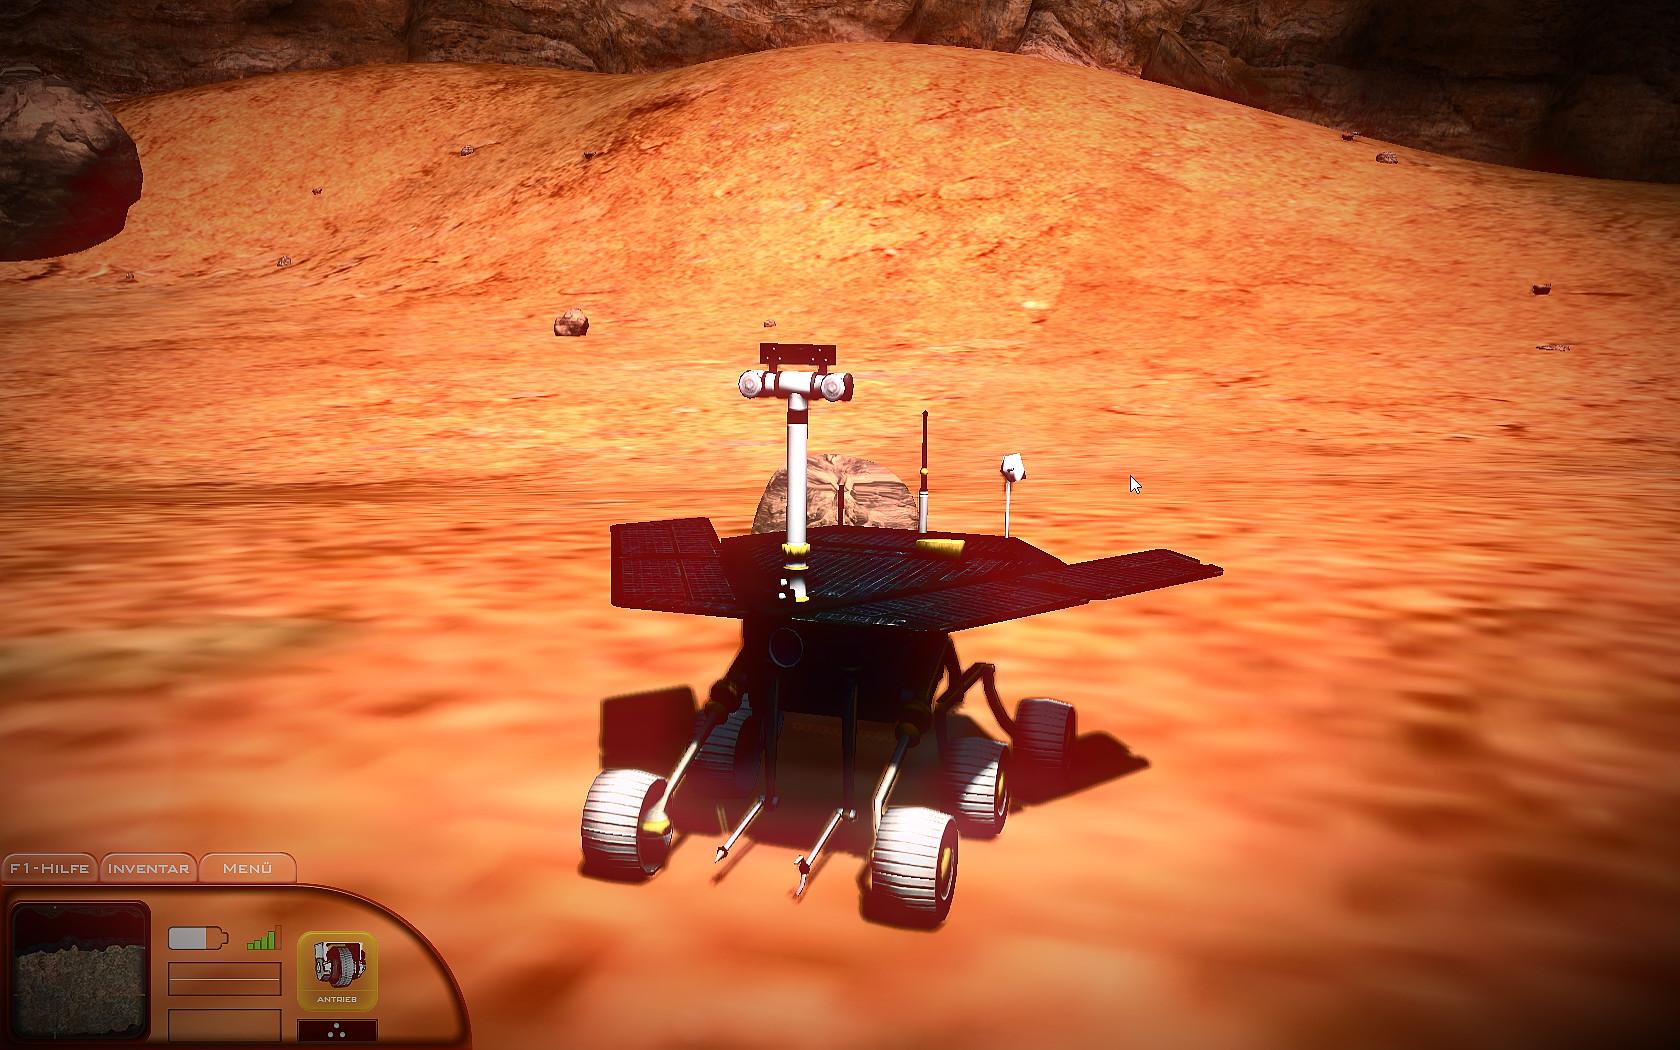 MARS SIMULATOR - RED PLANET screenshot